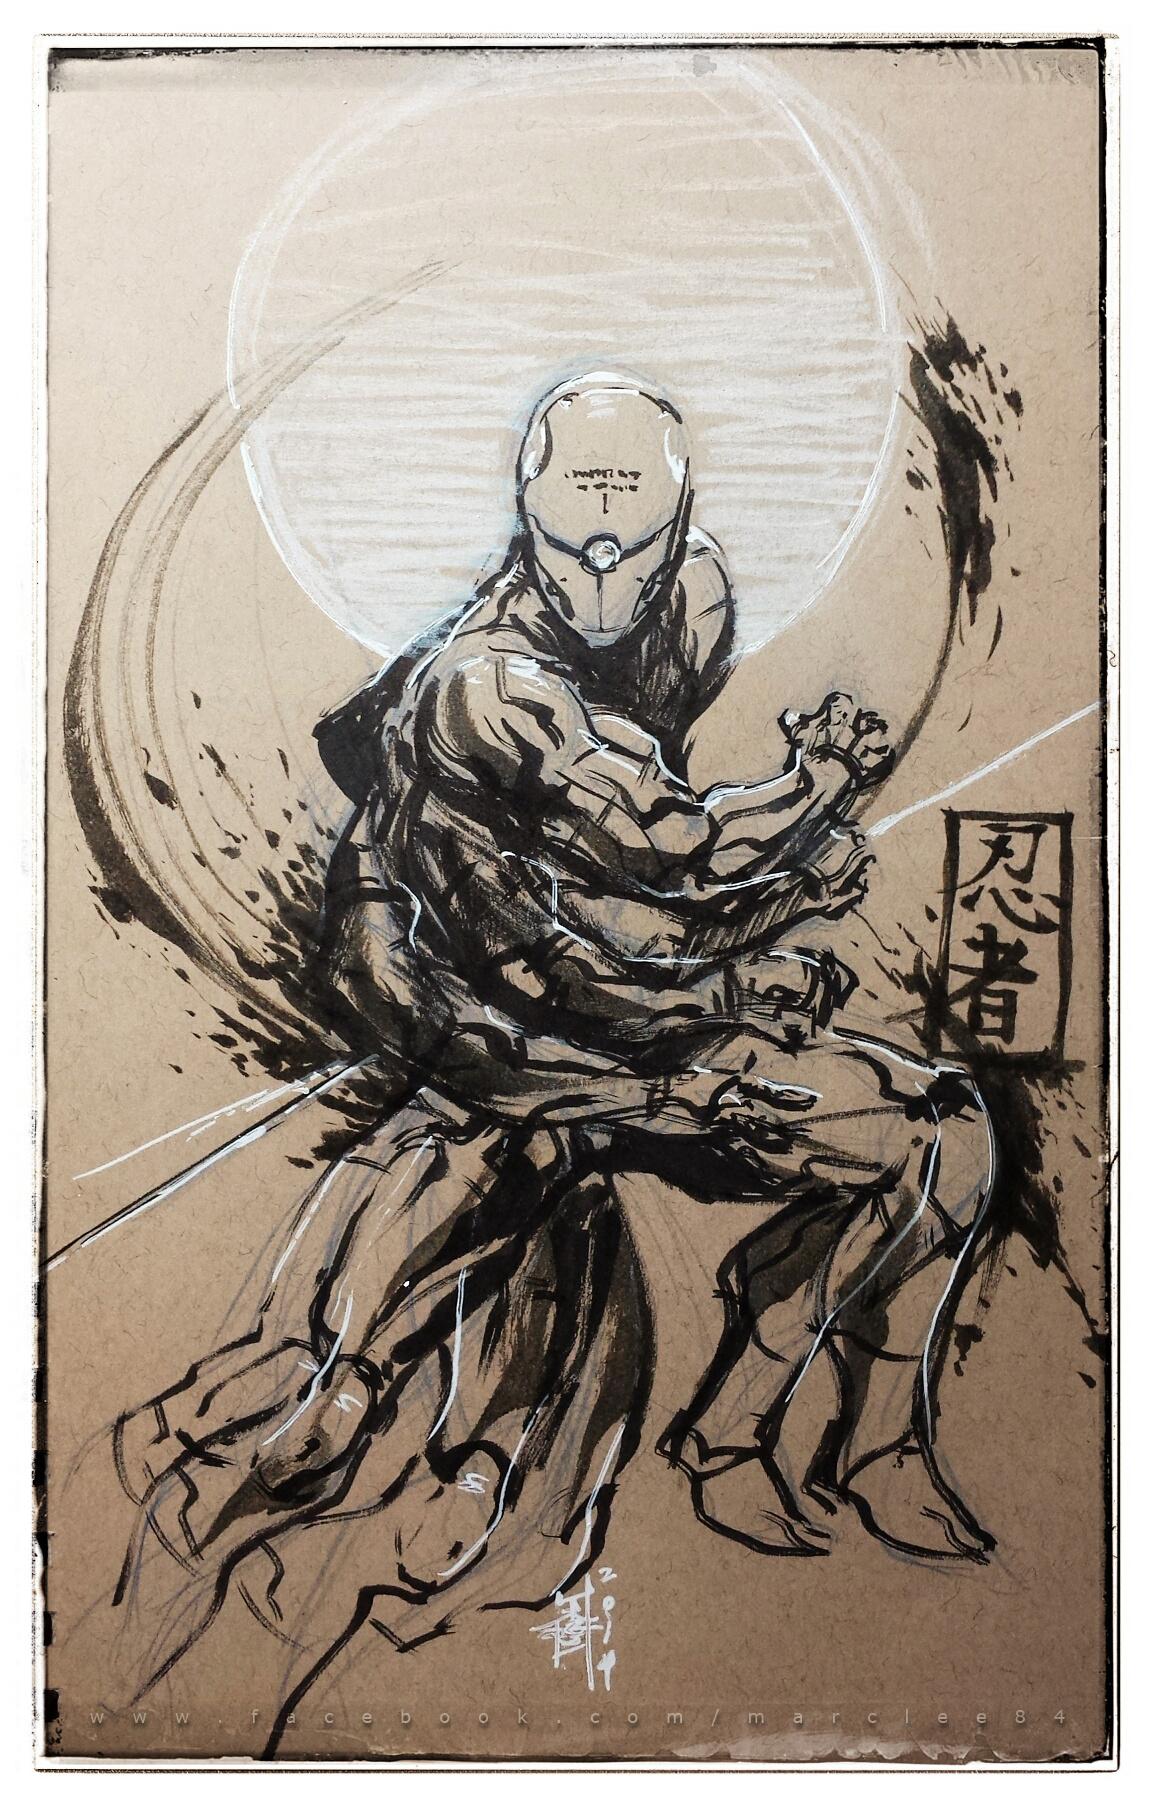 Ninja 2014 by MarcWasHere